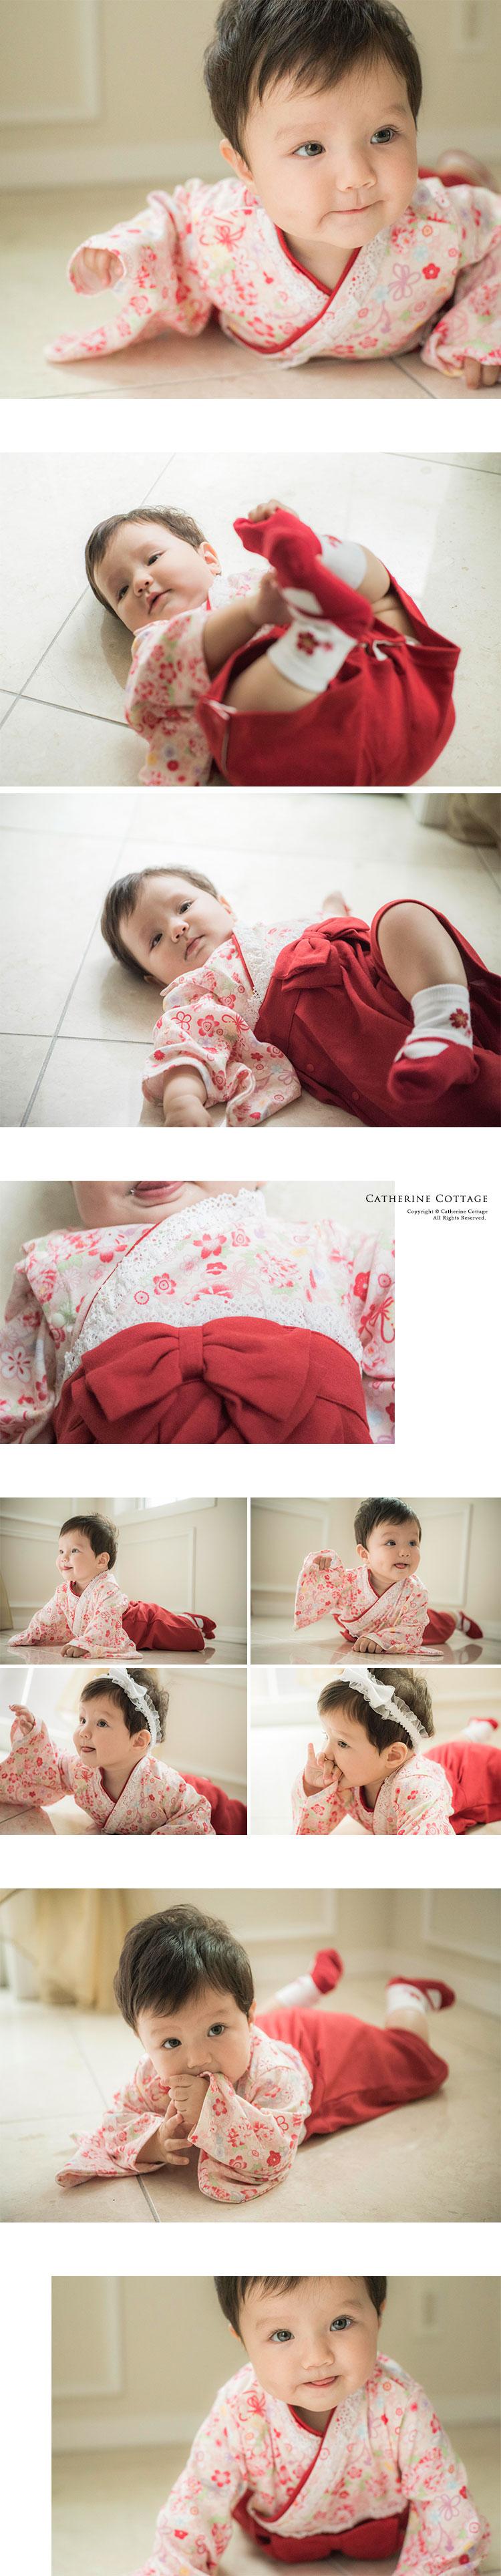 袴 ロンパース 女の子 赤ちゃん ベビー 和装 和服 赤 紫 和風 衣装 コスプレ